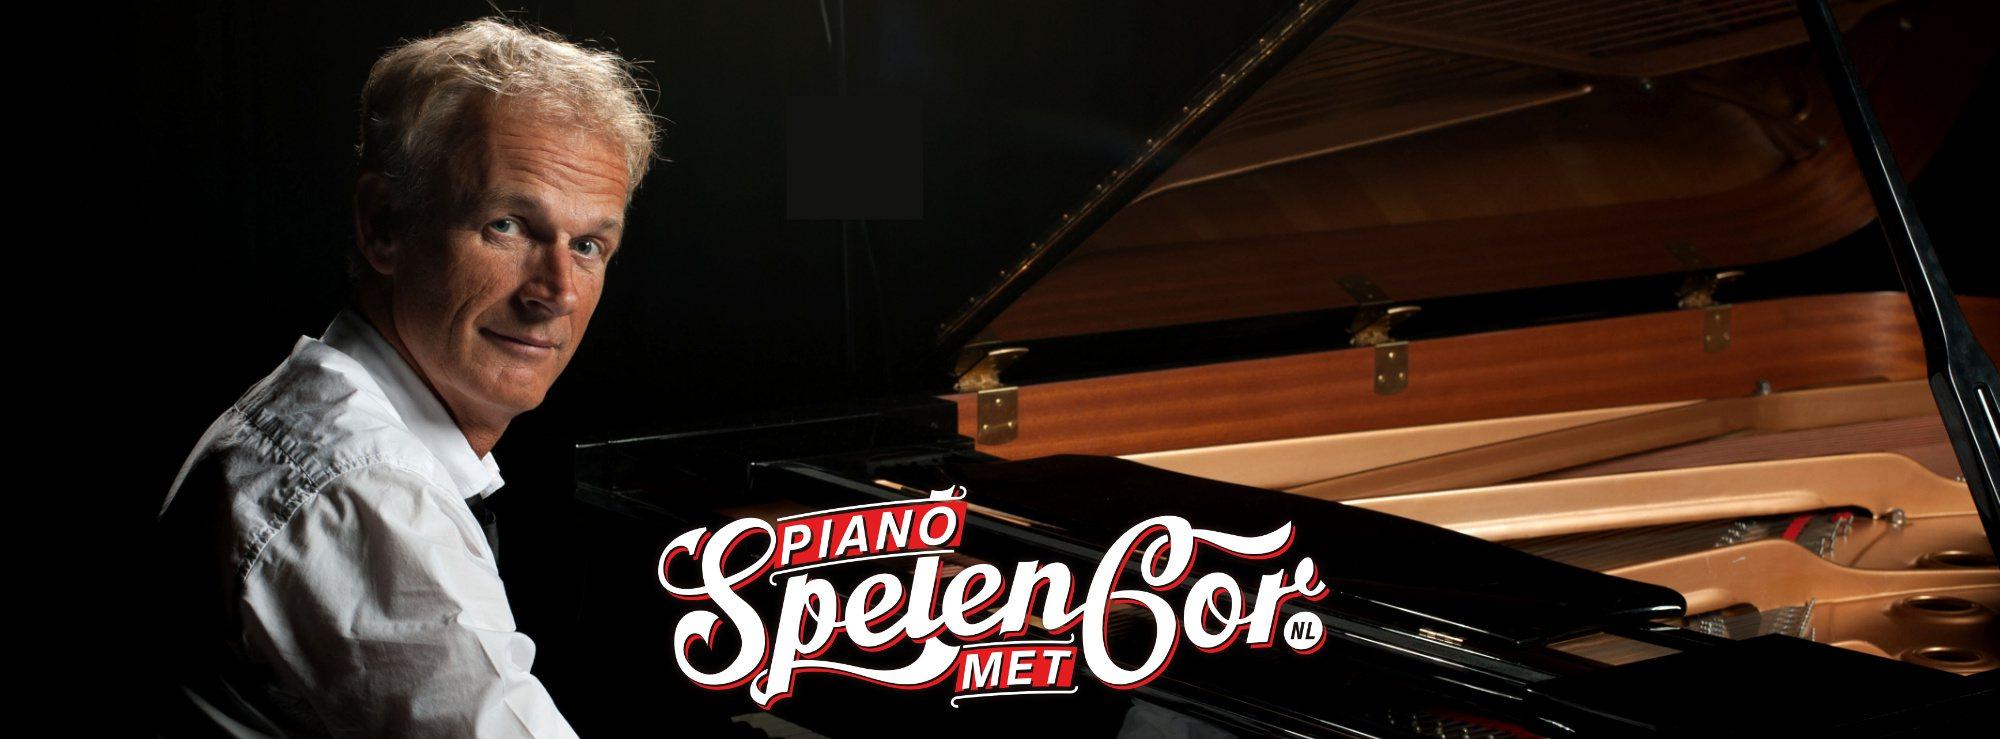 pianoles pianolessen leren piano spelen